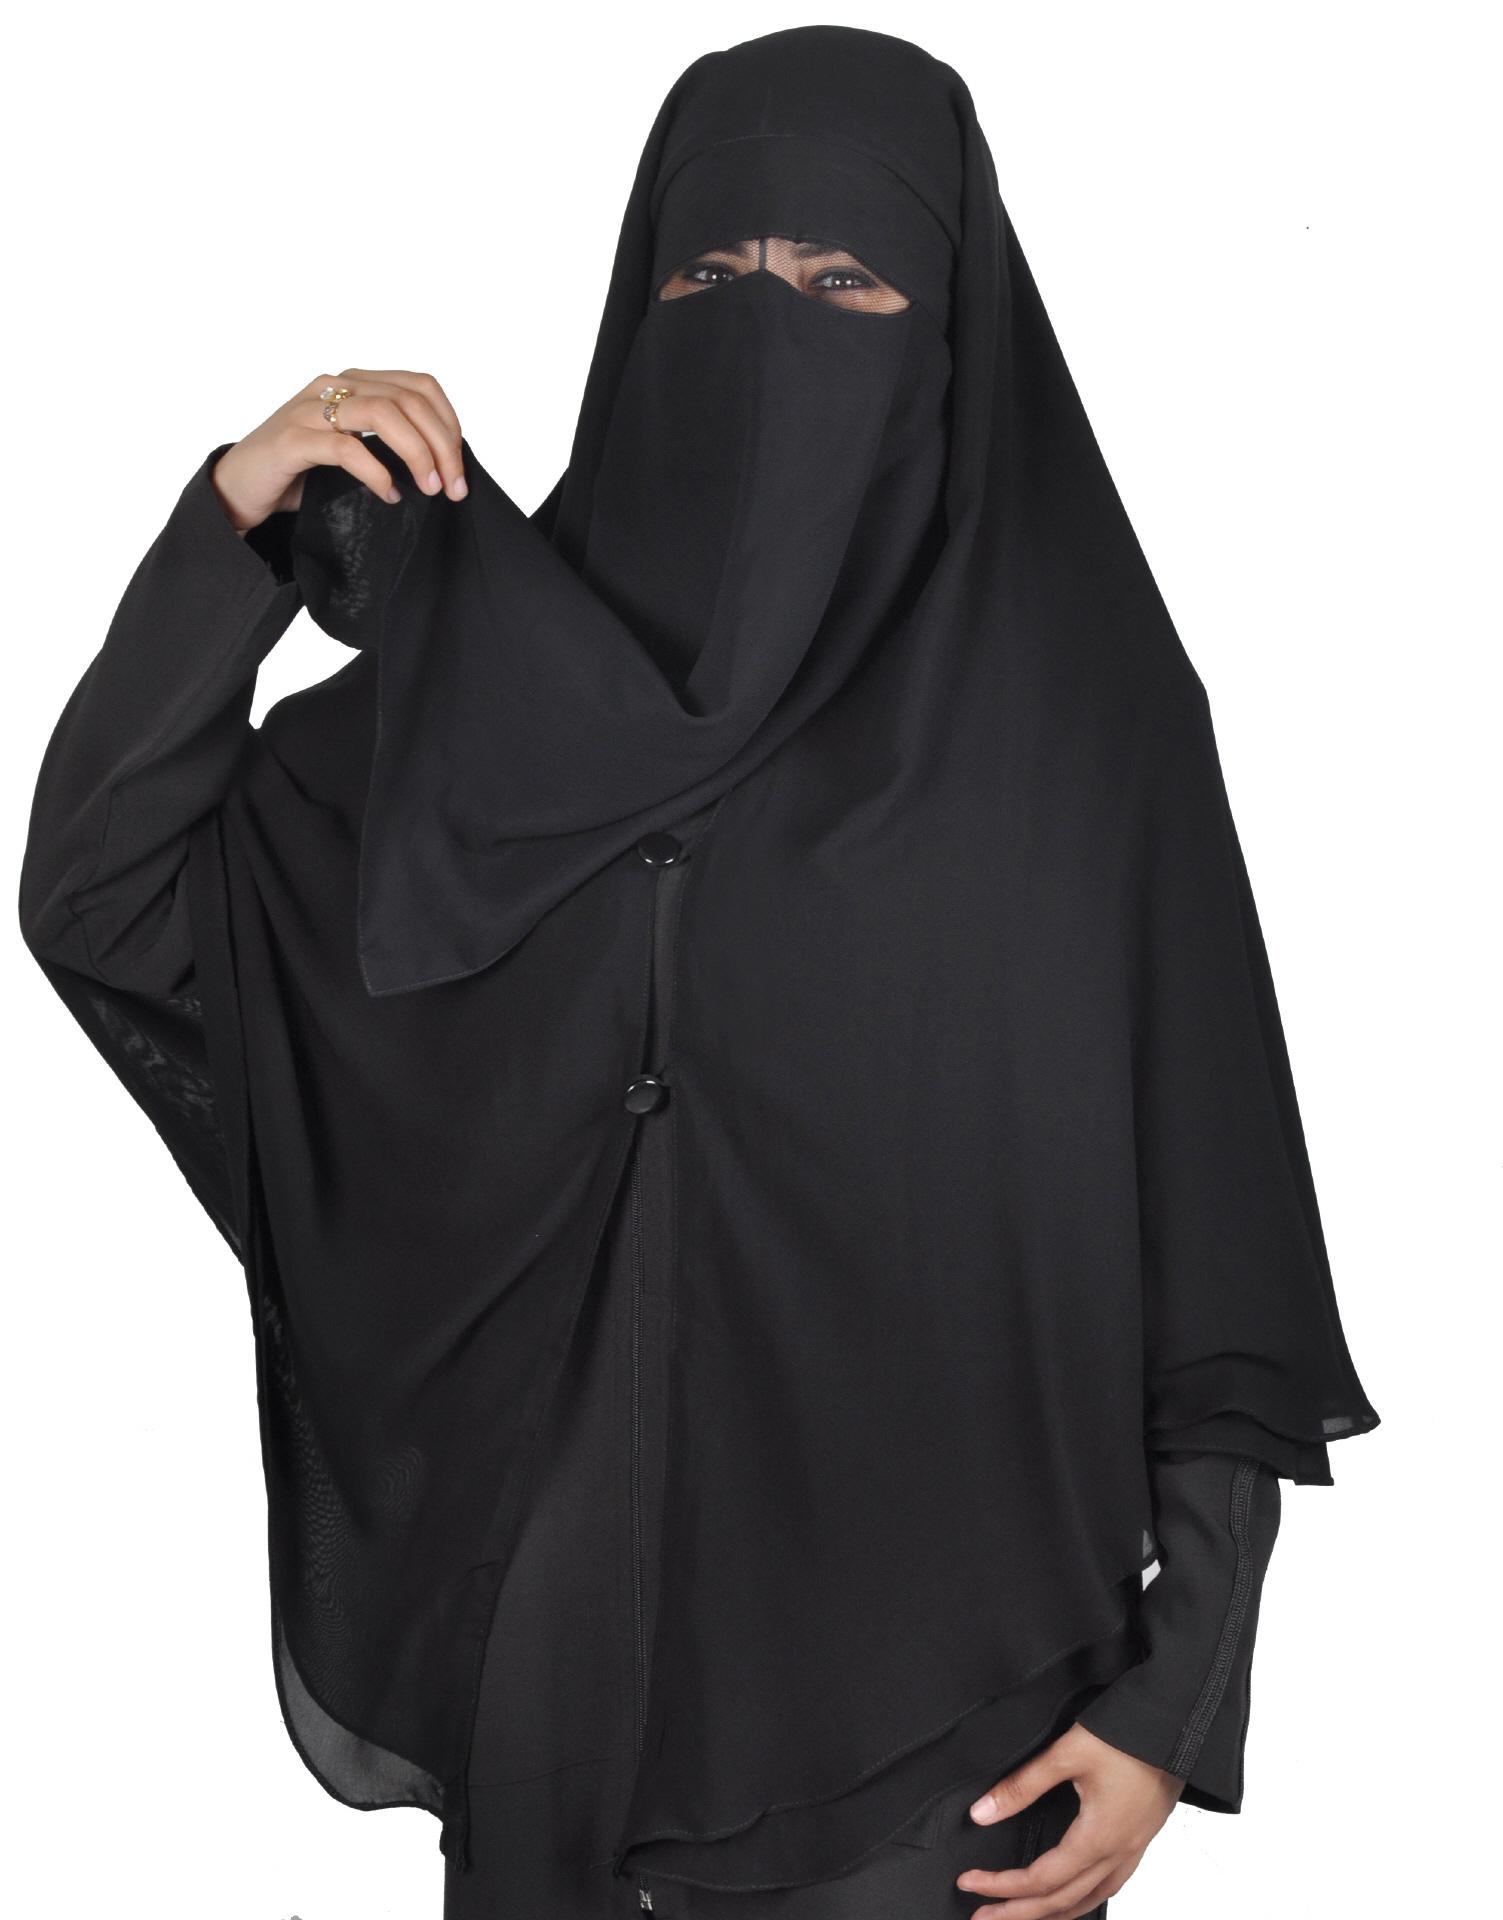 niqab khimar kombi schwarz hijab online kaufen egypt. Black Bedroom Furniture Sets. Home Design Ideas